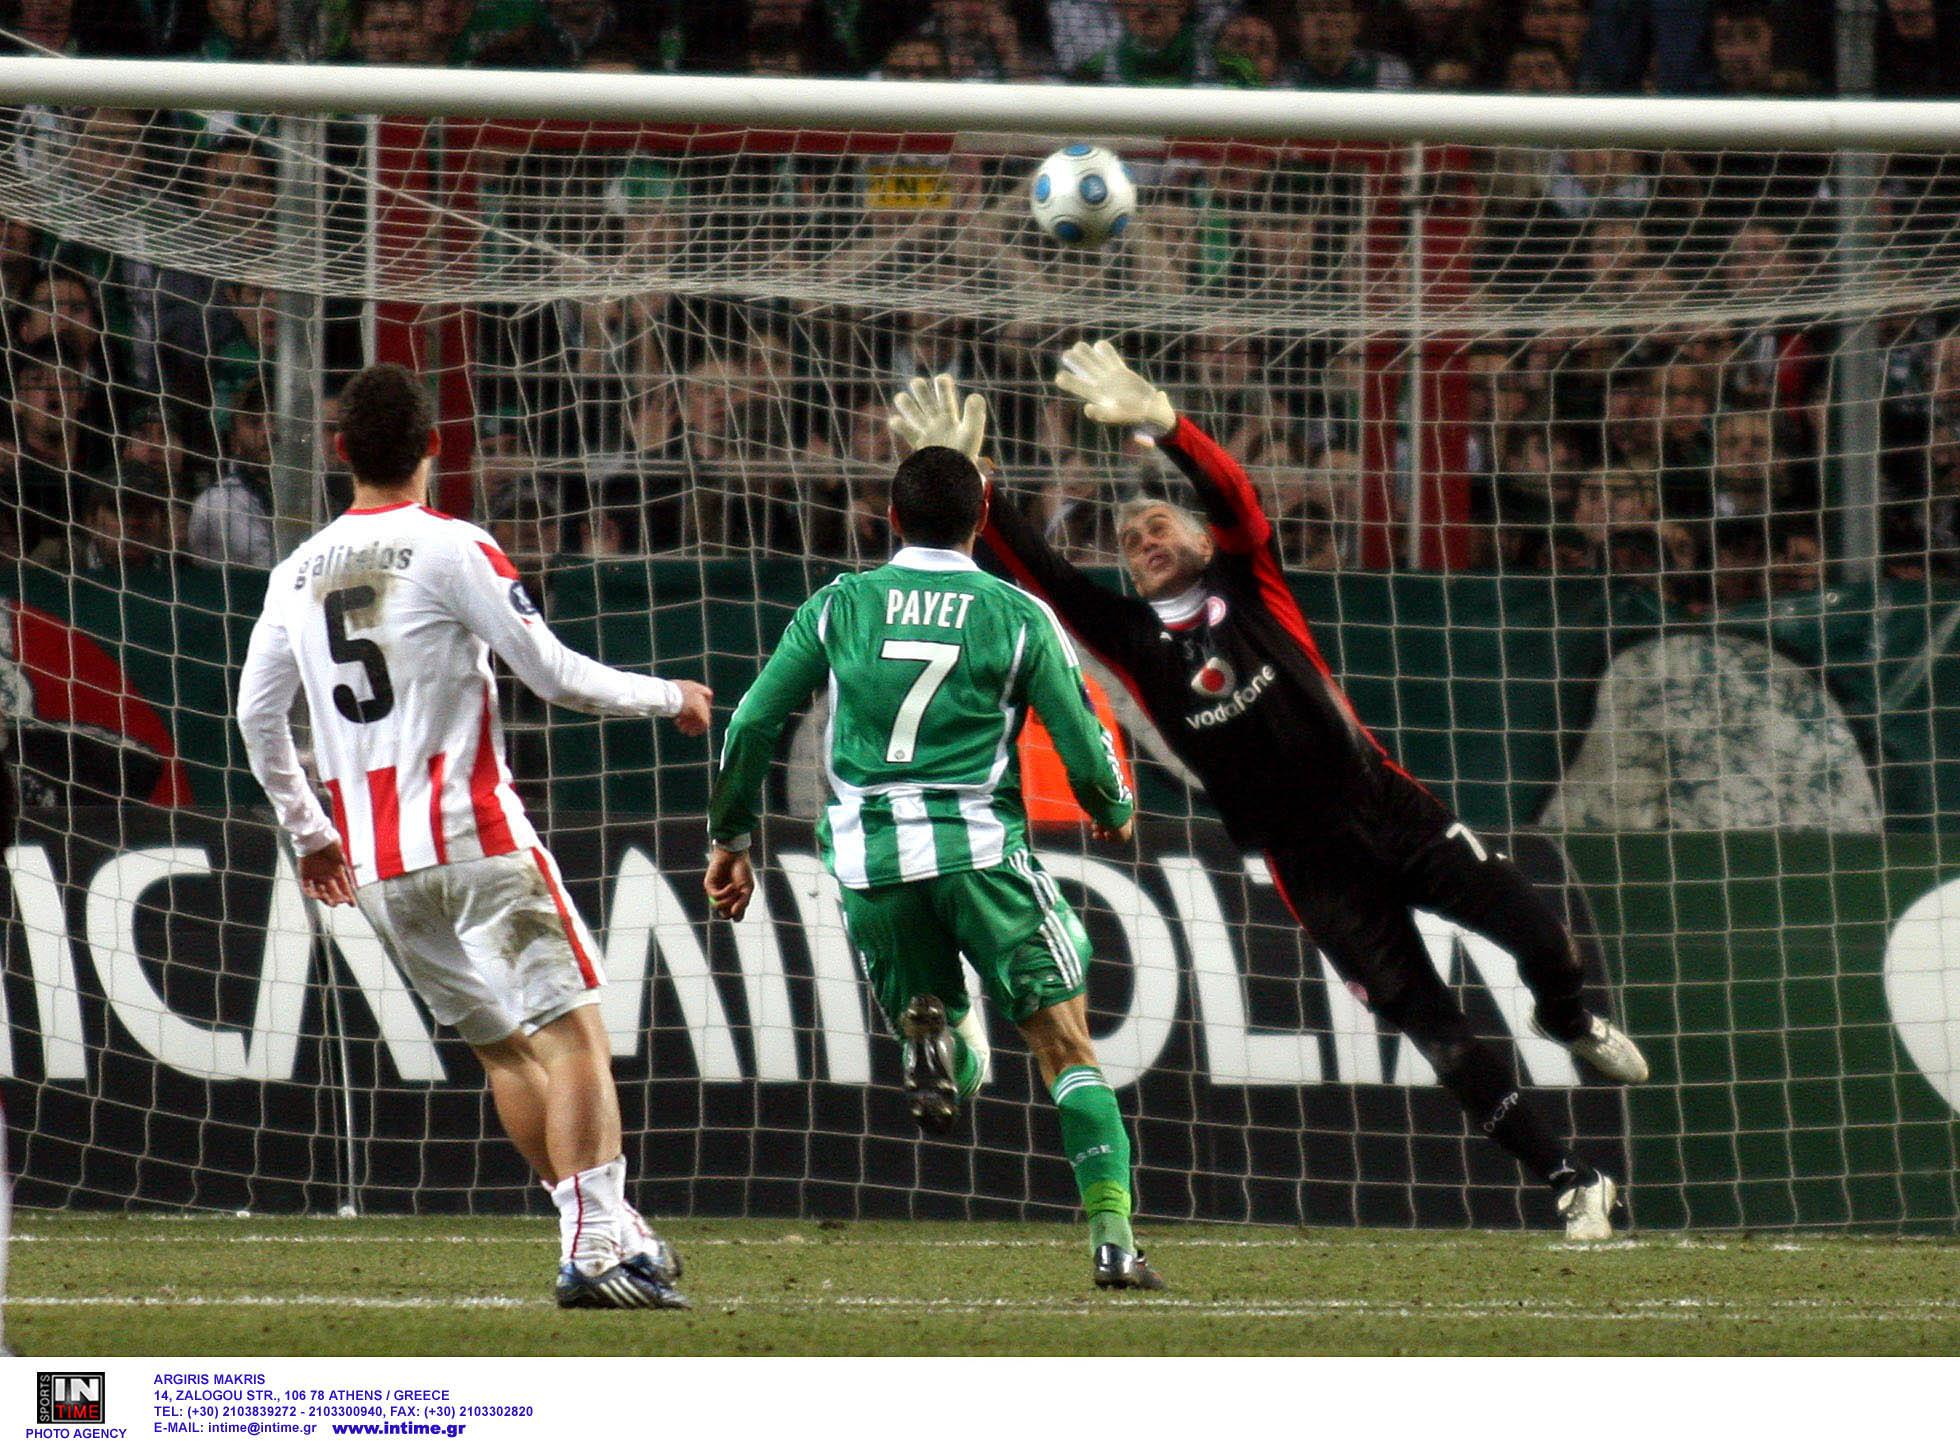 ÔÏ 2-0 / ÓÅÍÔ ÅÔÉÅÍ - ÏËÕÌÐÉÁÊÏÓ (ÏÕÅÖÁ 2008) SAINT ETIENNE - OLYMPIAKOS (UEFA 2008)